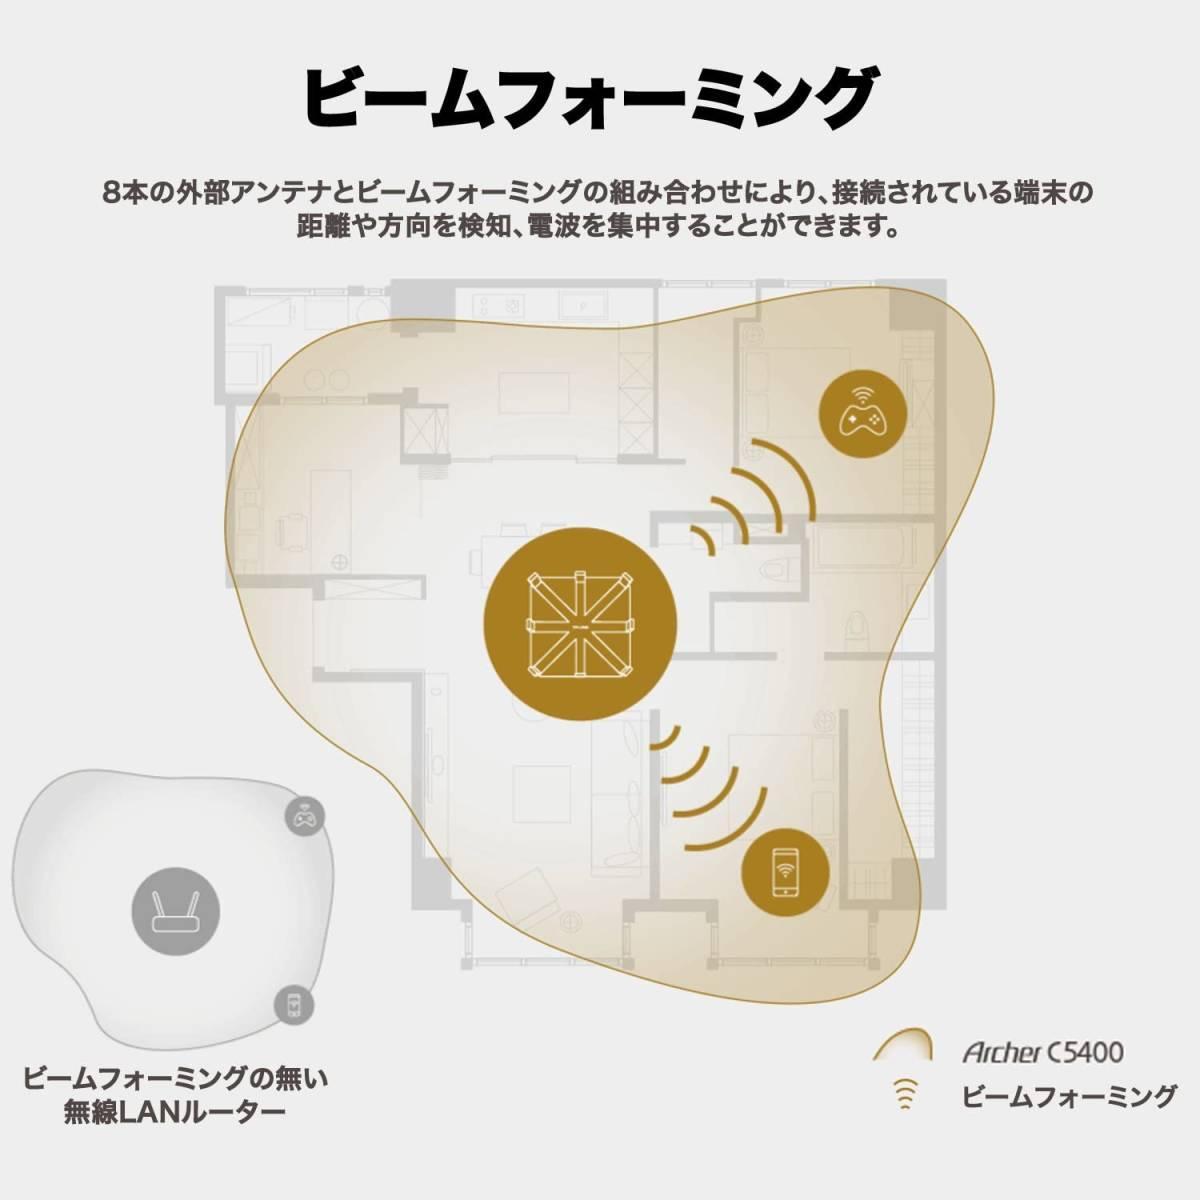 TP-Link WiFi 無線LAN ルーター Archer C5400 11ac ウイルス対策 セキュリティ AC5400 2167+2167+1000Mbps トライバンド 0504am09